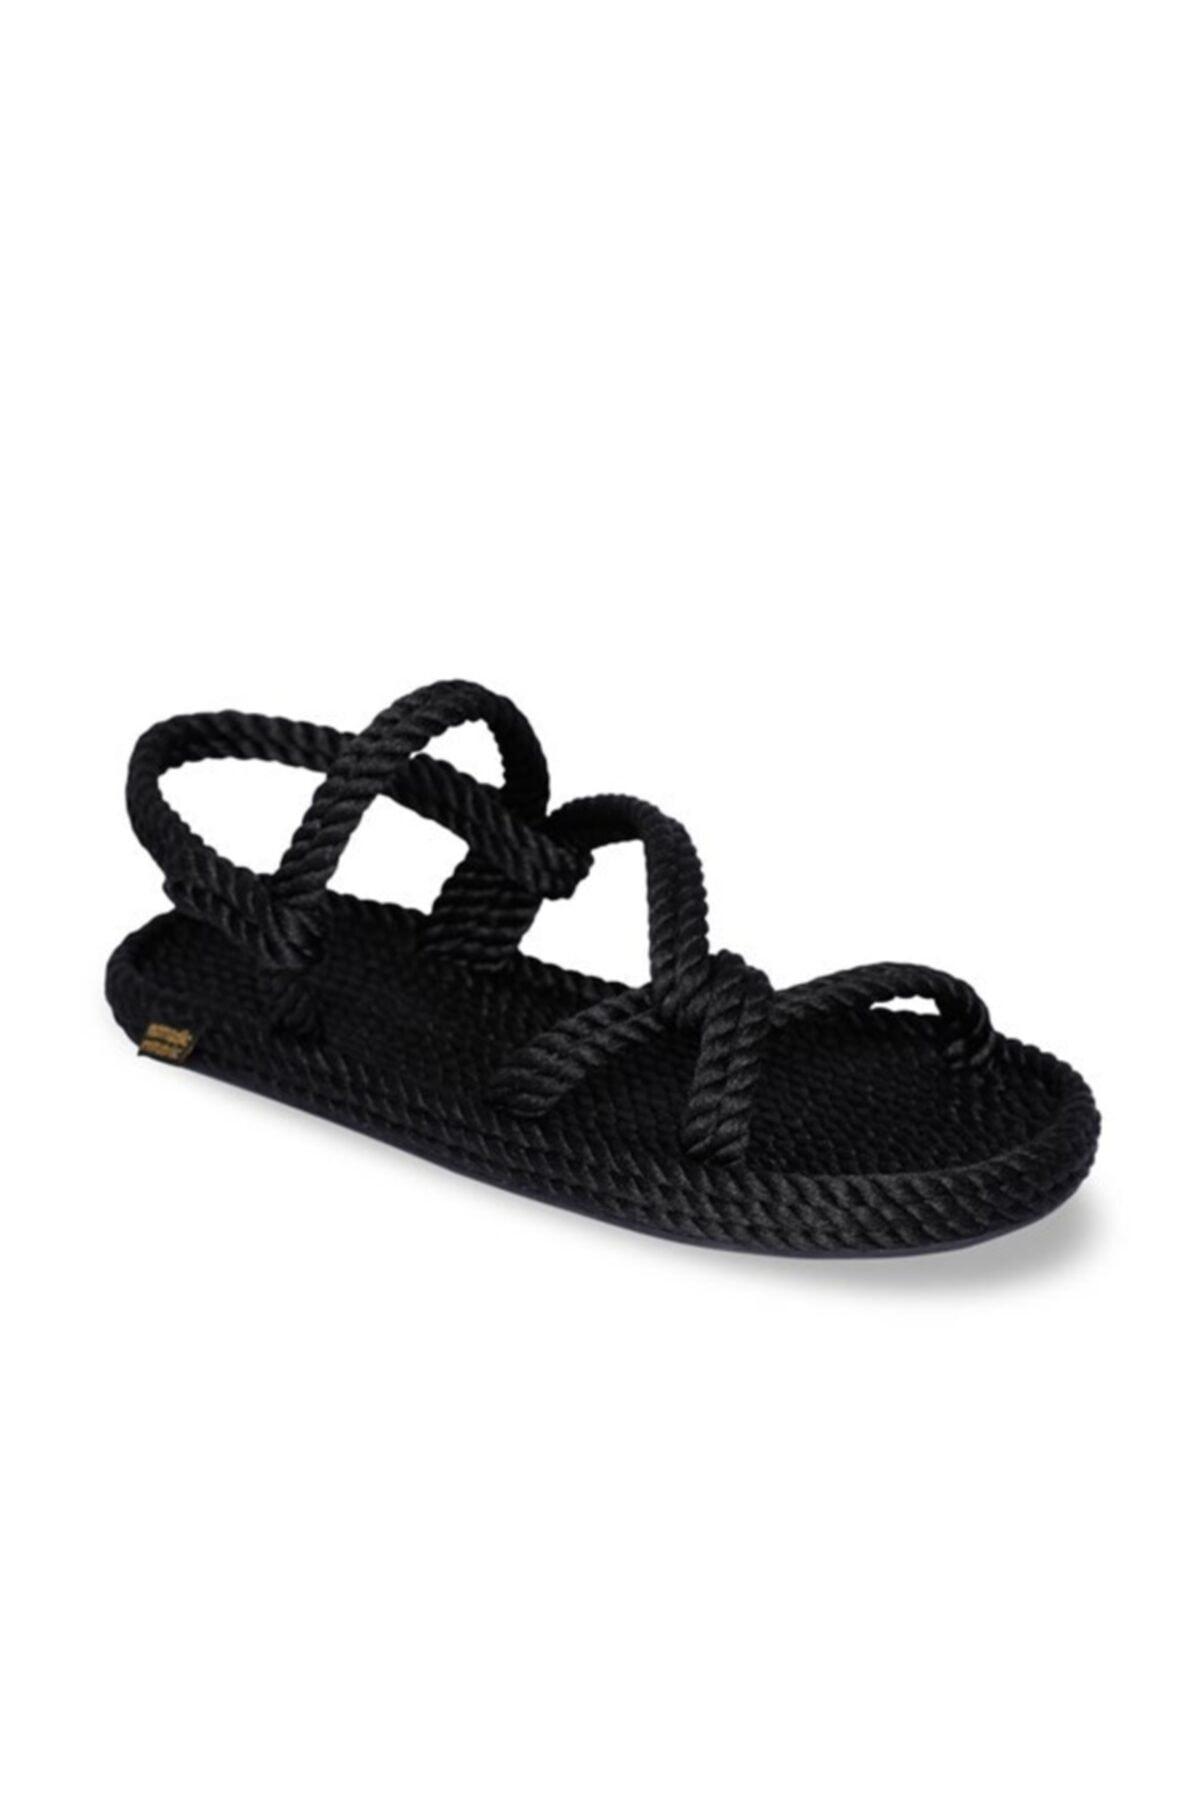 Nomadic Republic Mykonos Kauçuk Tabanlı Kadın Halat Sandalet Siyah 2